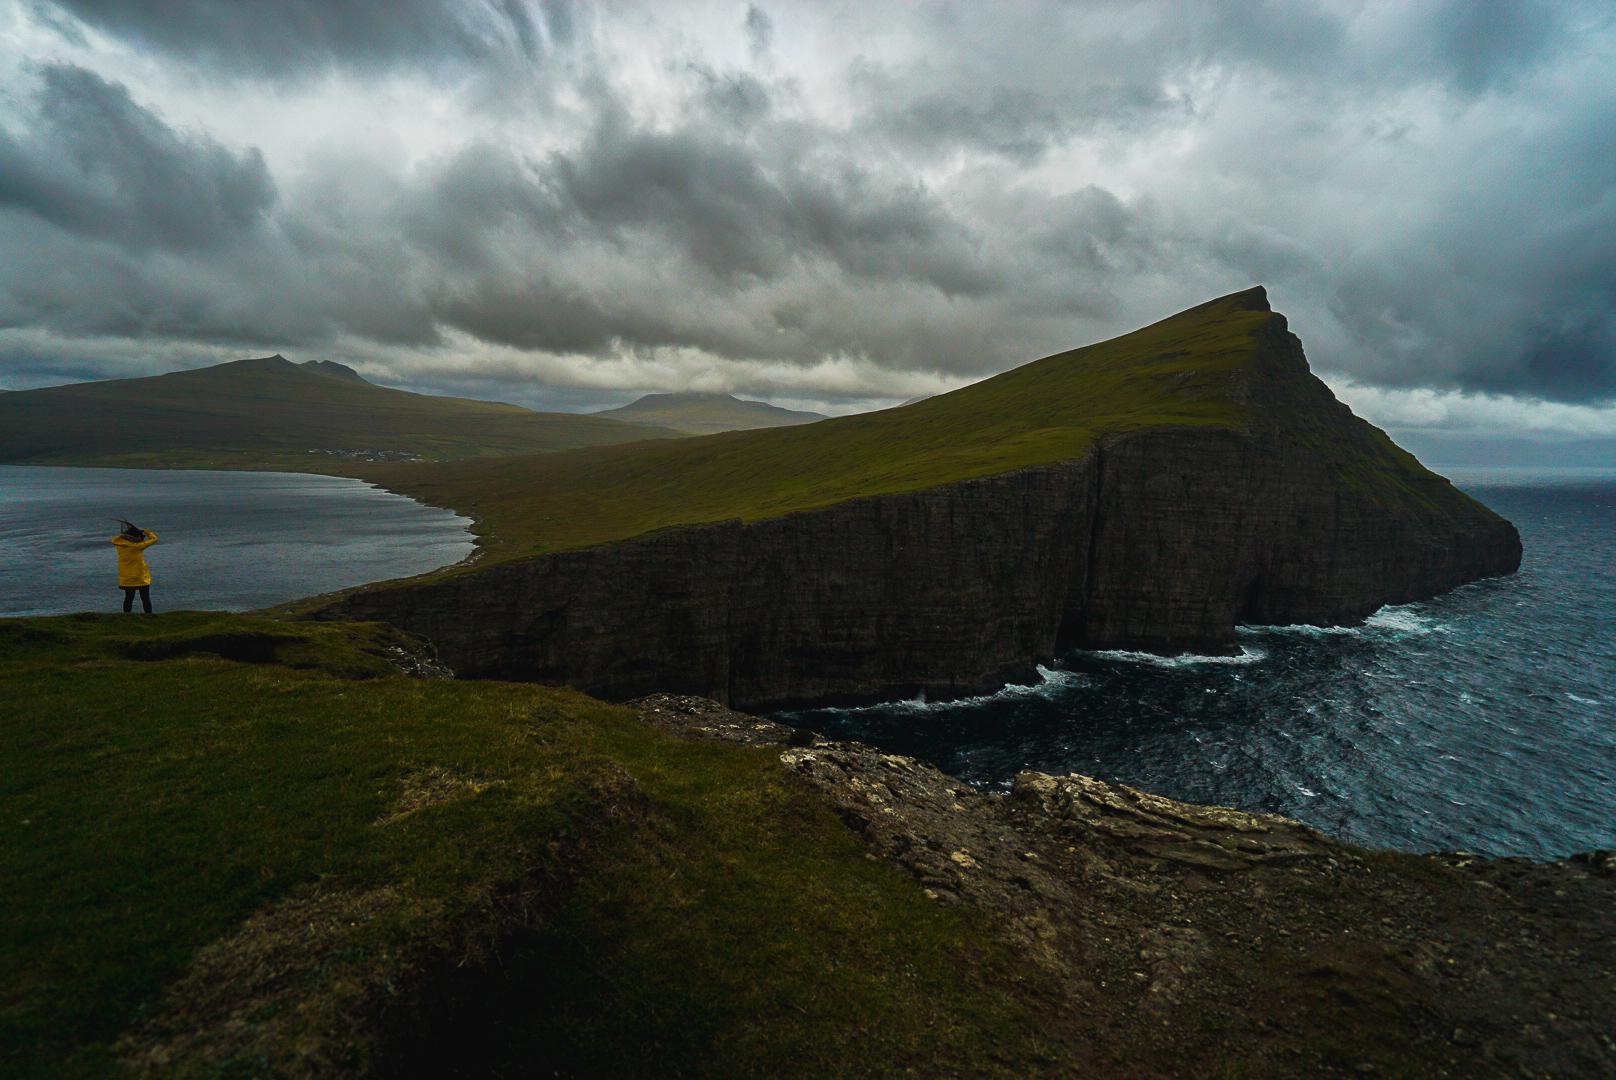 Sørvágsvatn, Faroe Islands—October 2017. Photo by  Derek .